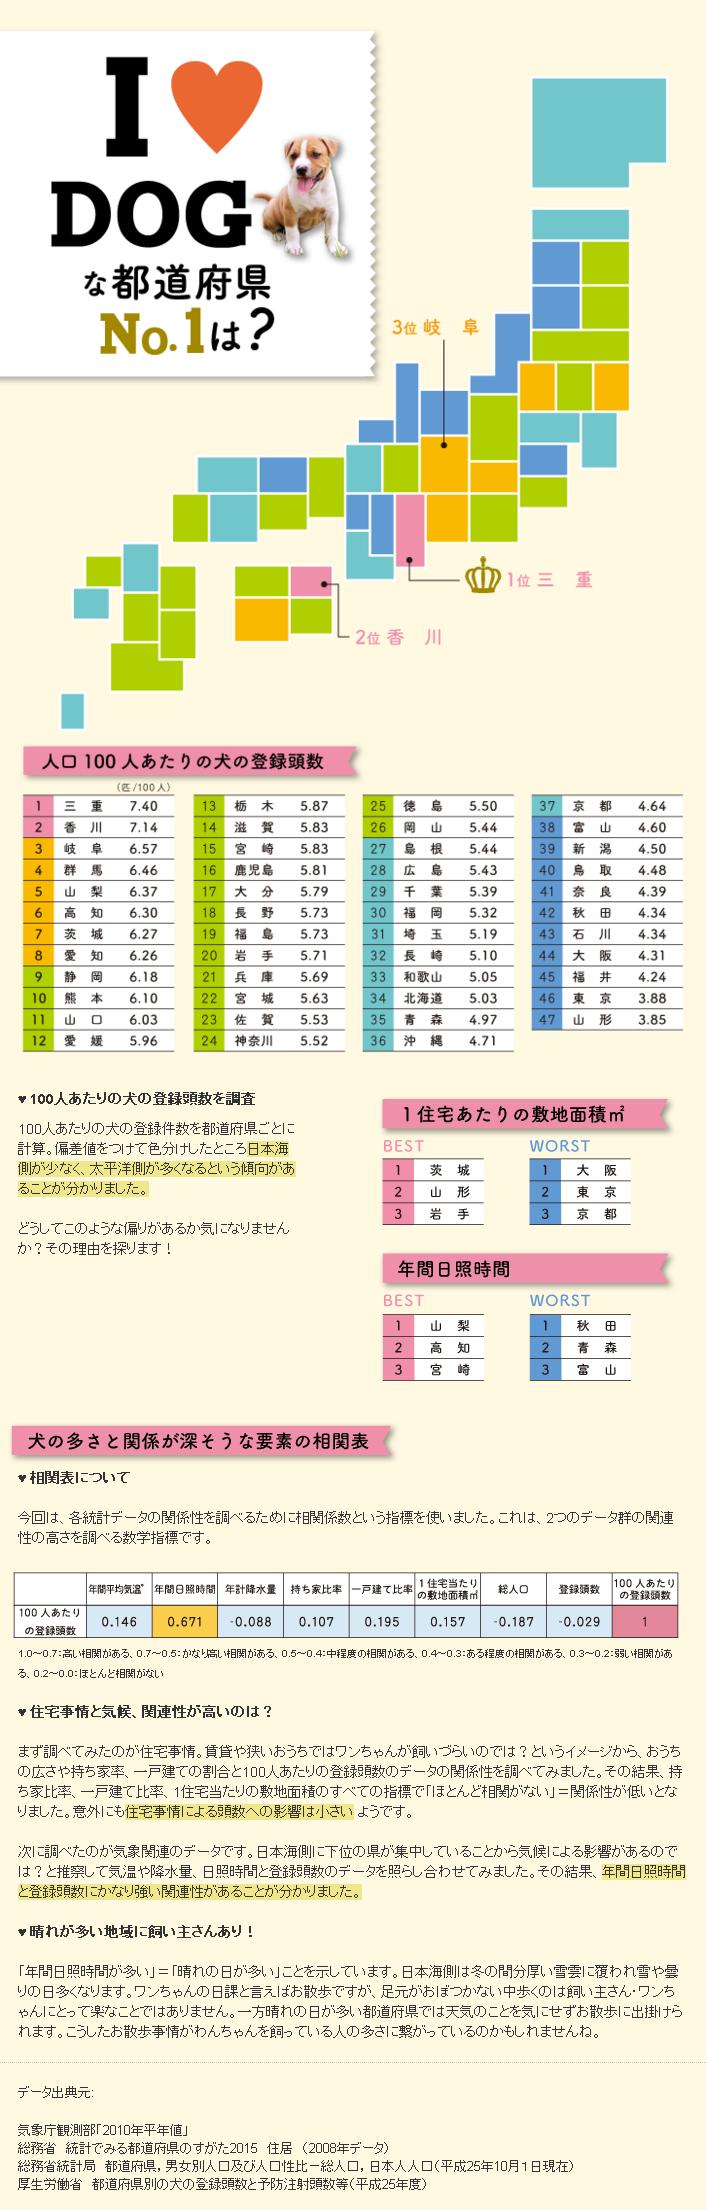 インフォグラフィック:日本一飼い犬率が高い都道府県は?犬と天気(日照時間)の関係